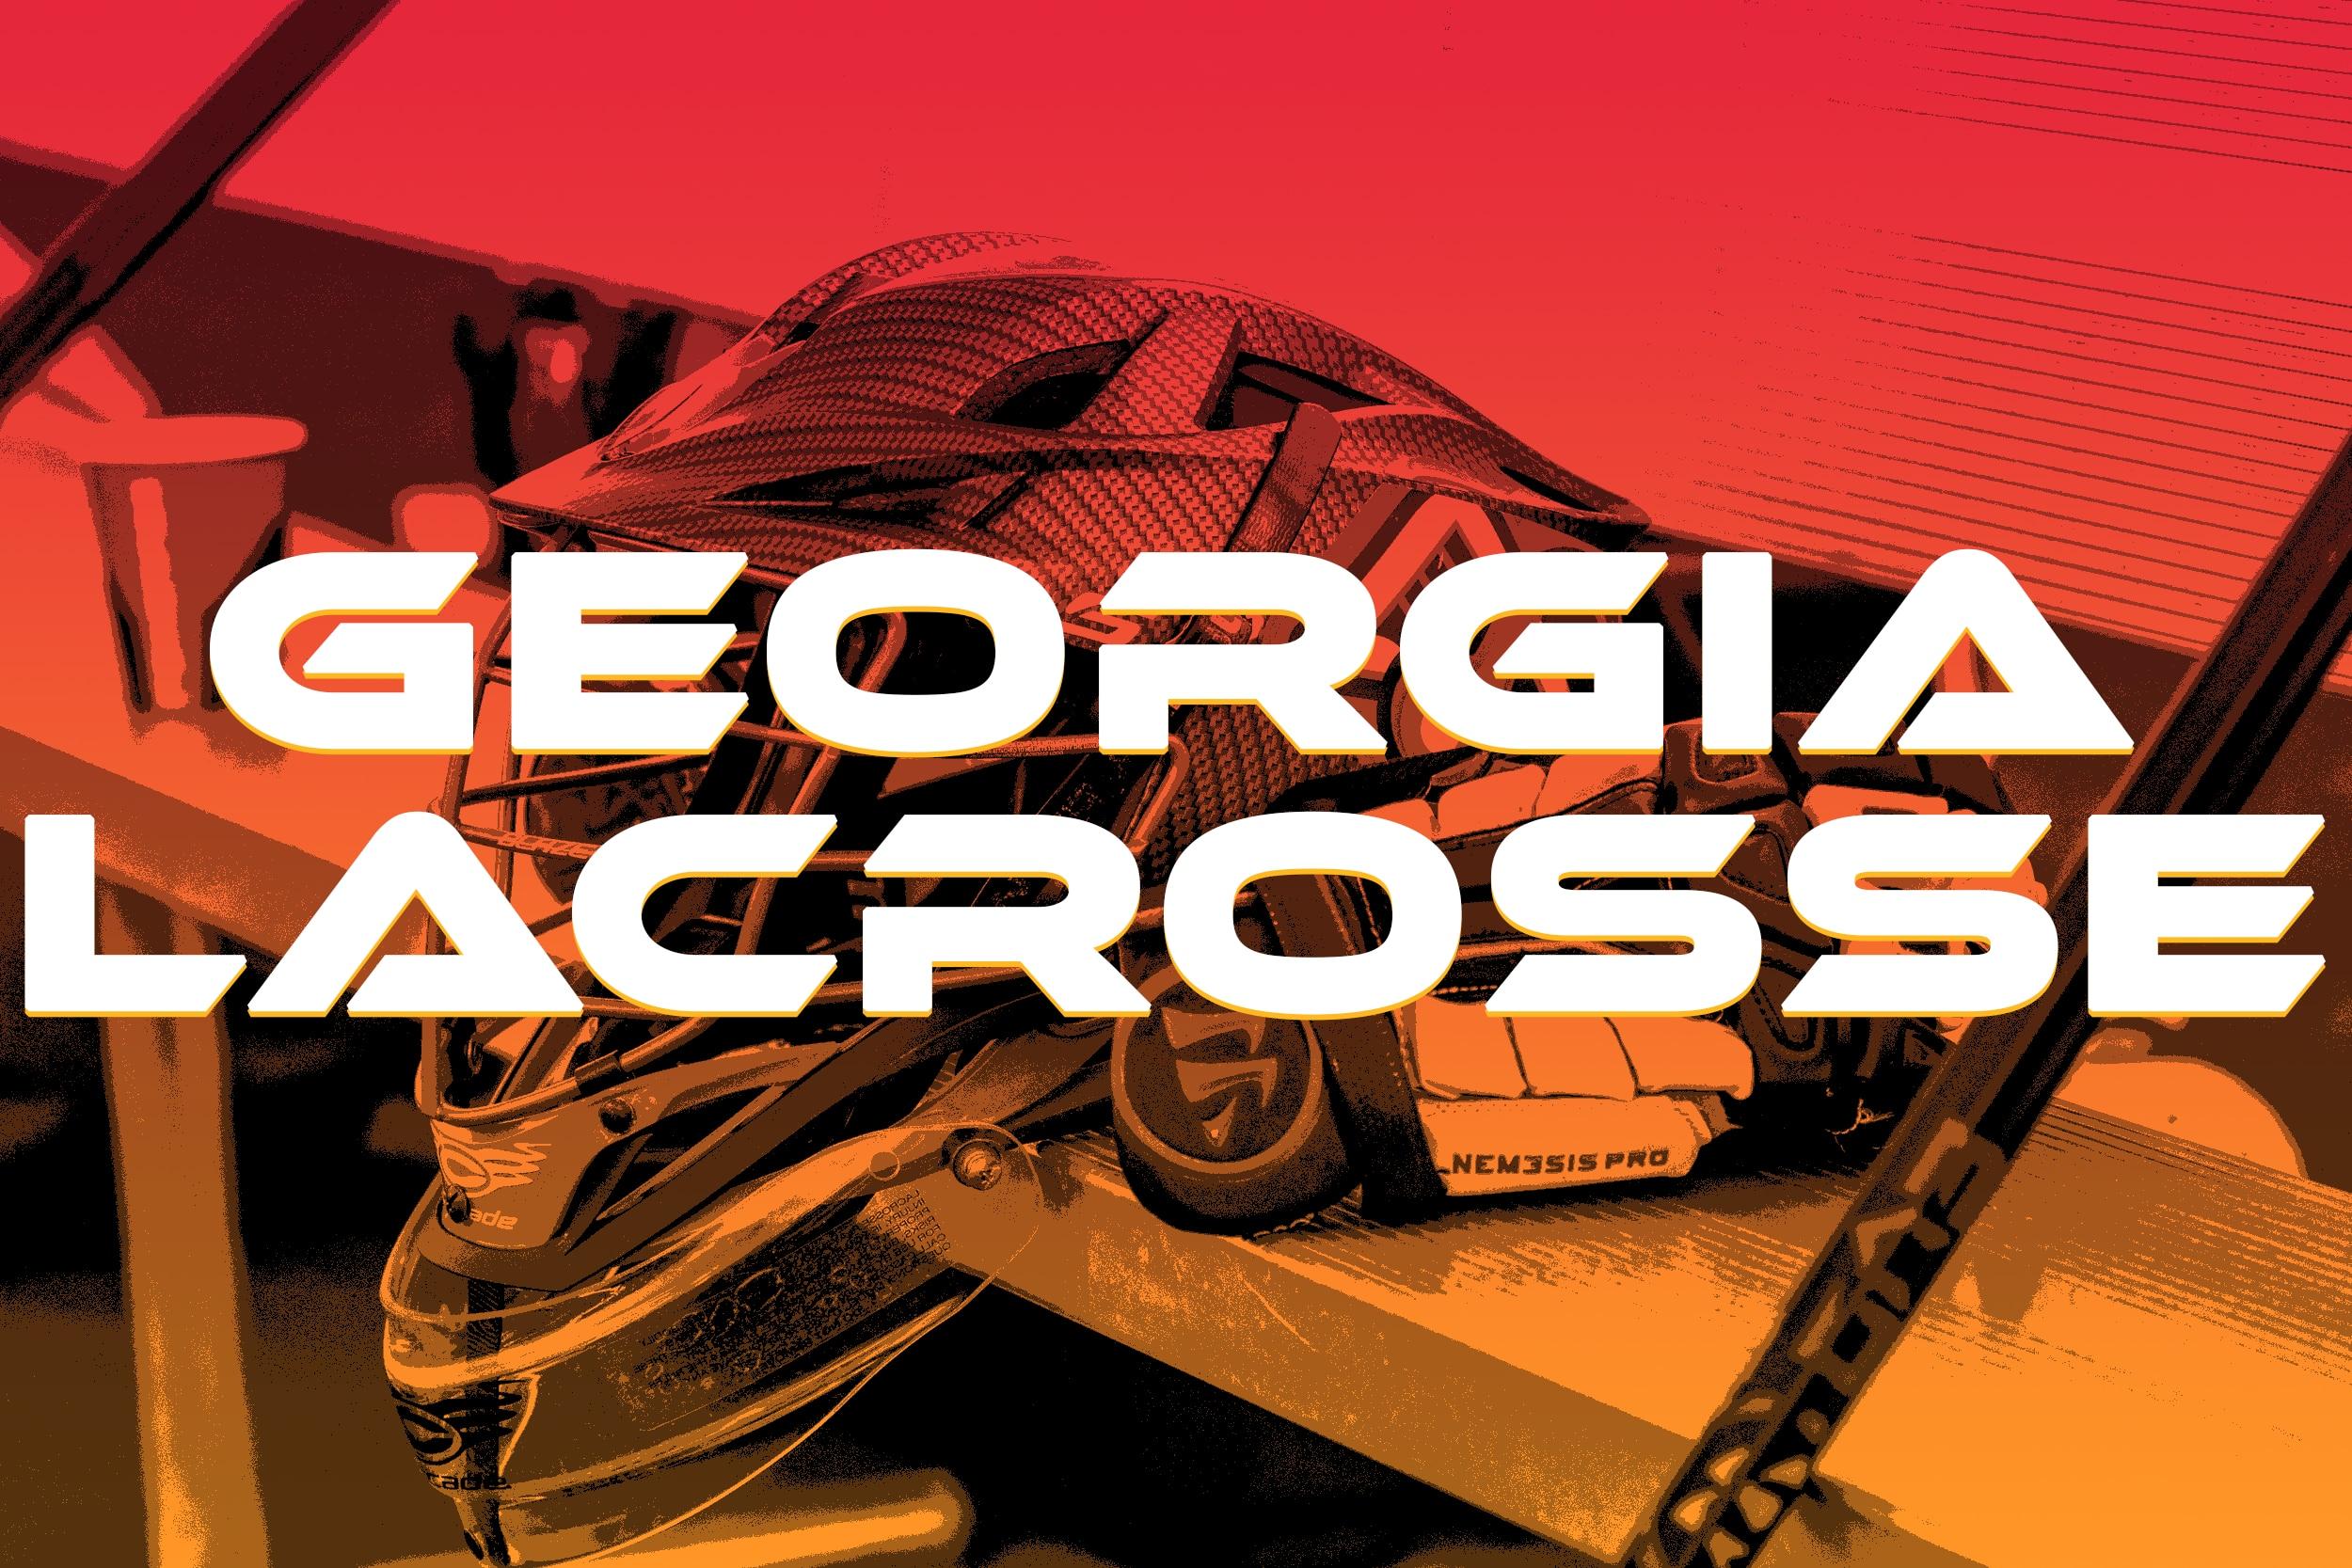 Georgia Lacrosse